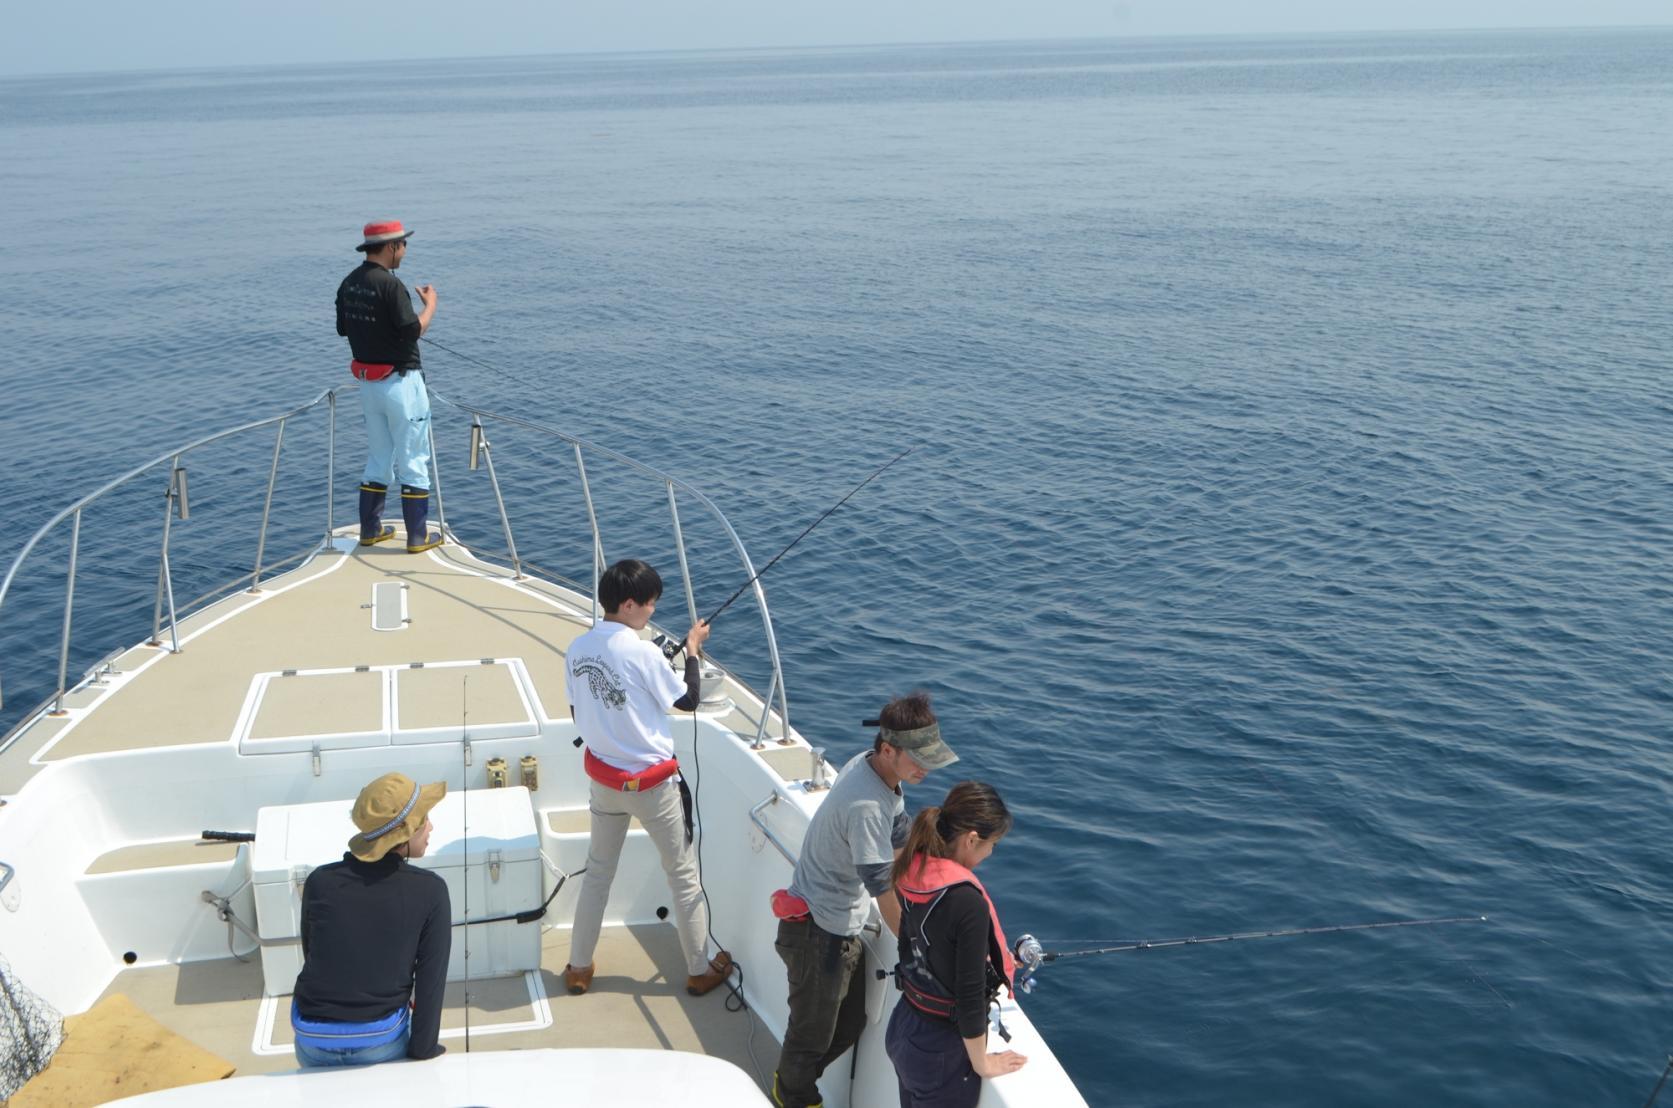 対馬の海を五感で楽しむ!遊漁船&BBQツアー-1